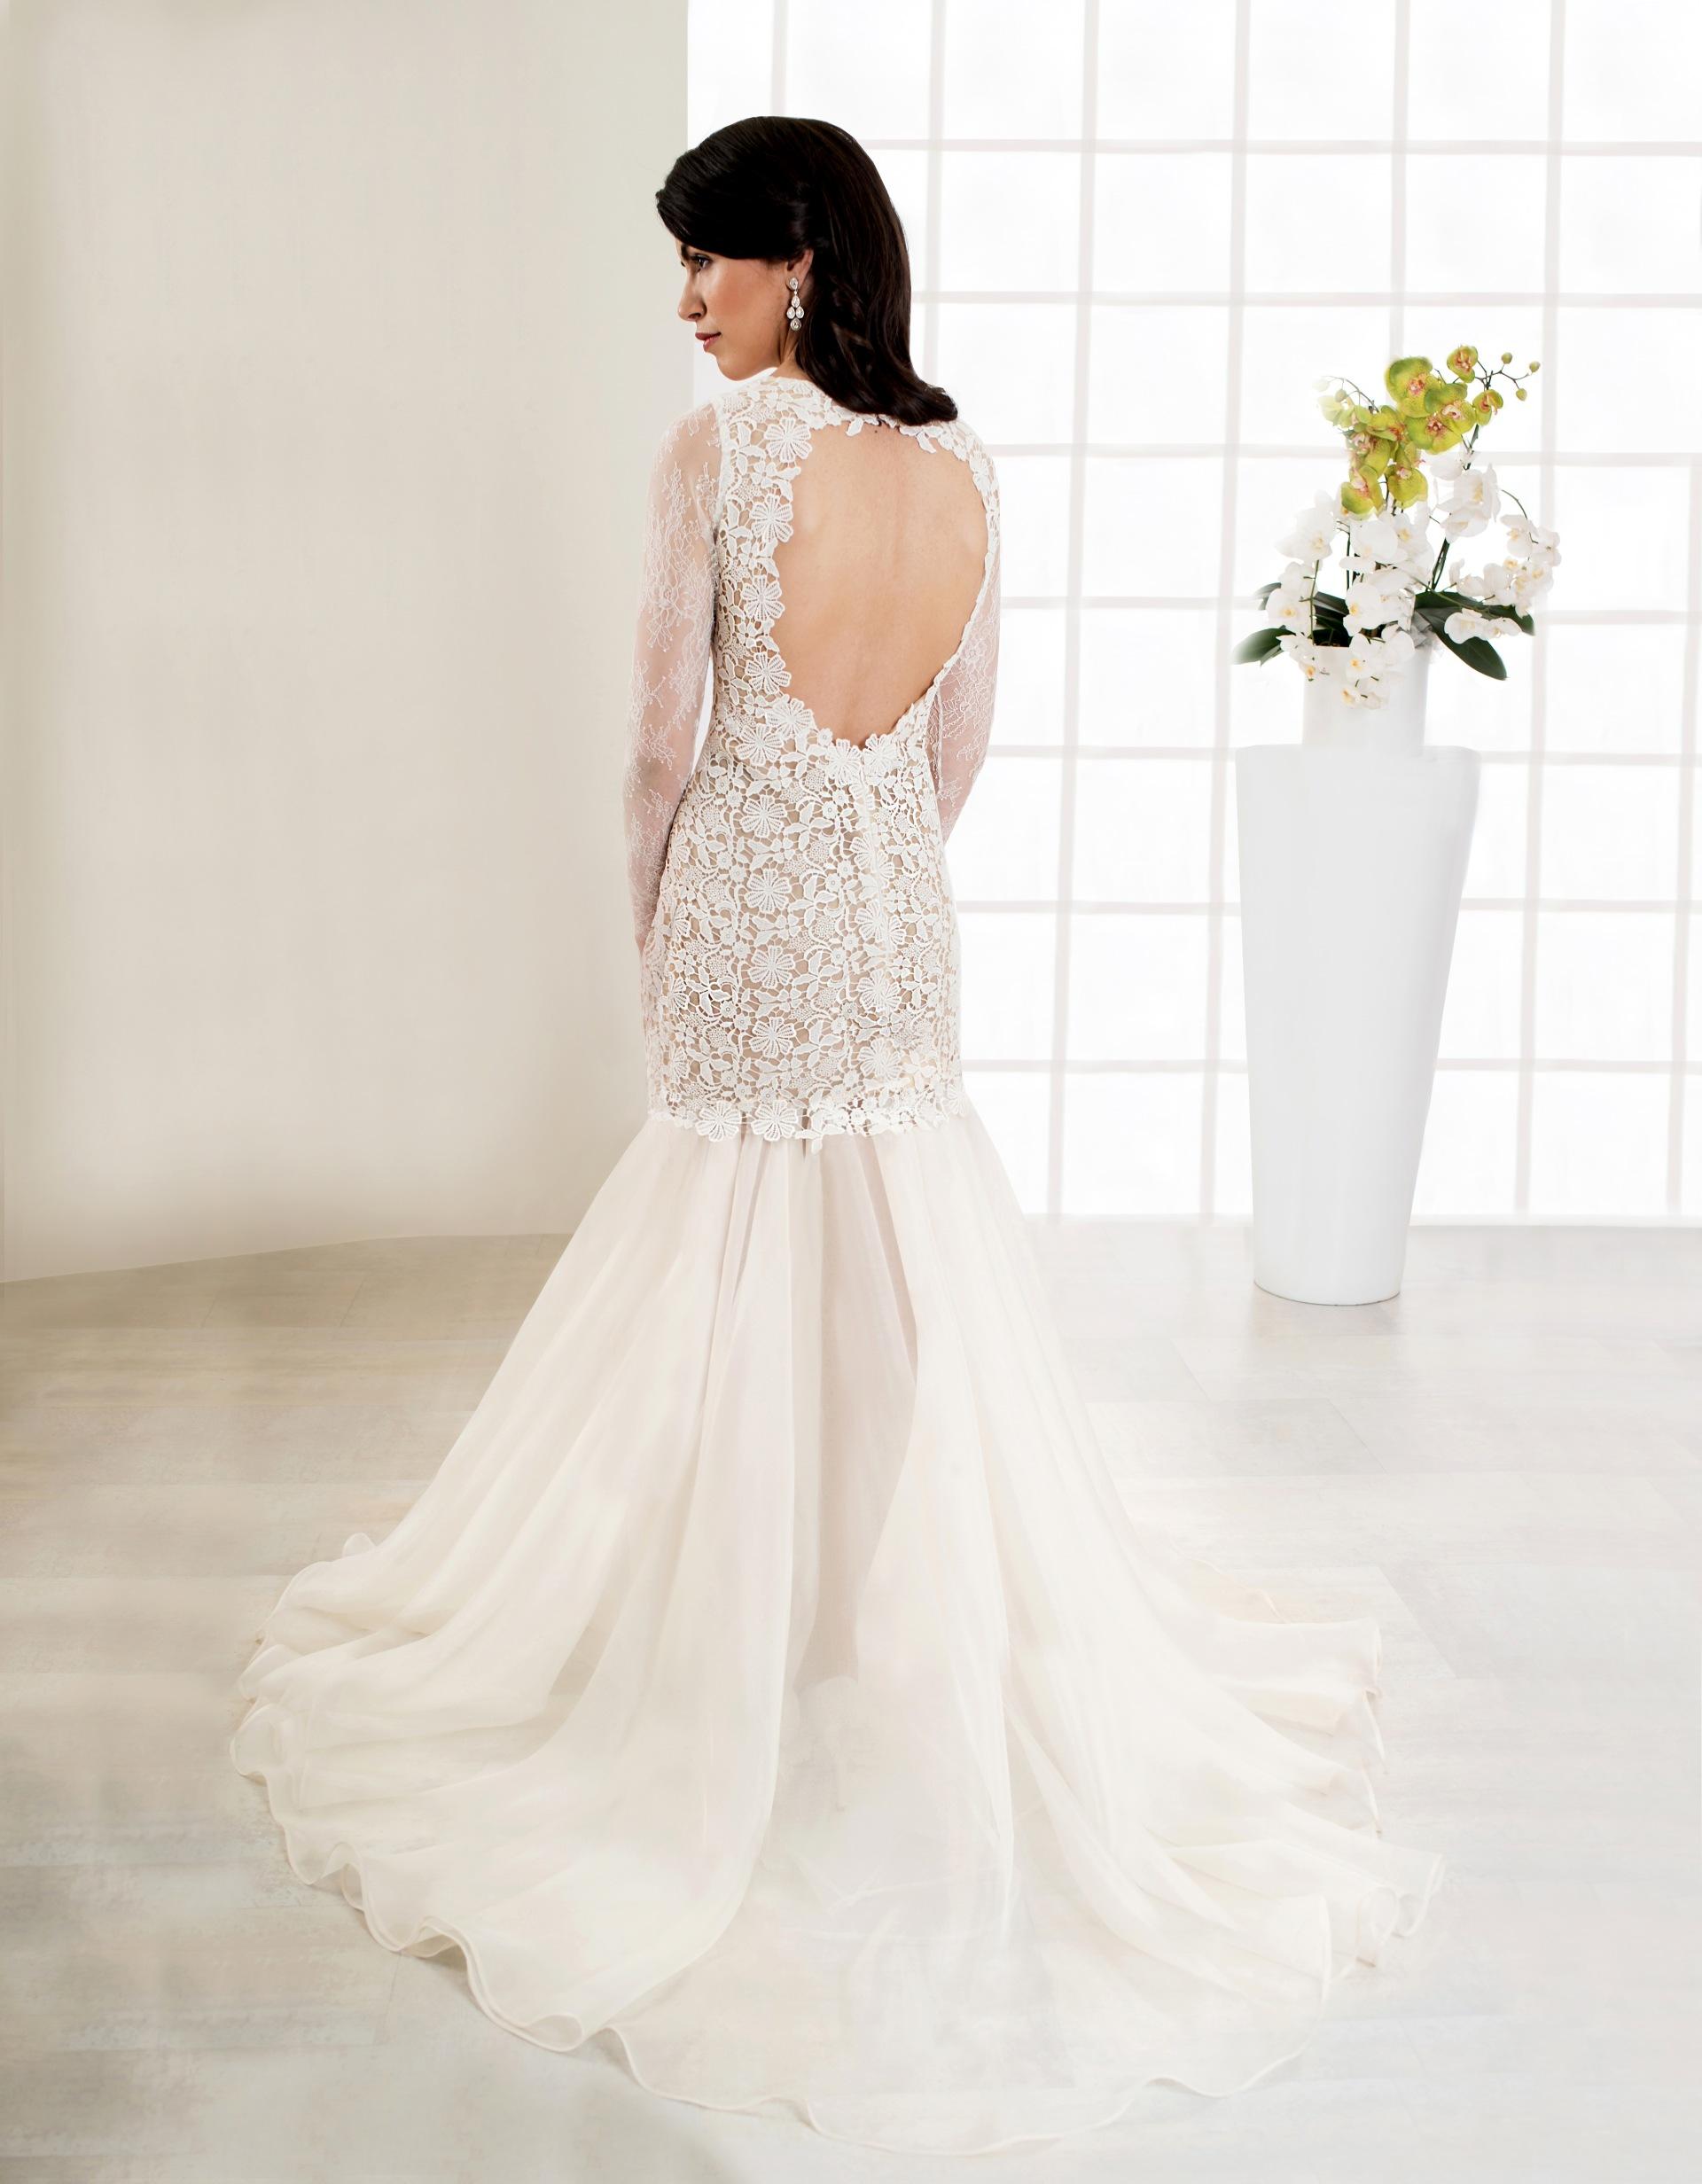 Langes Brautkleid mit Spitze, tiefem Rückenausschnitt und langen Ärmeln Rückenansicht